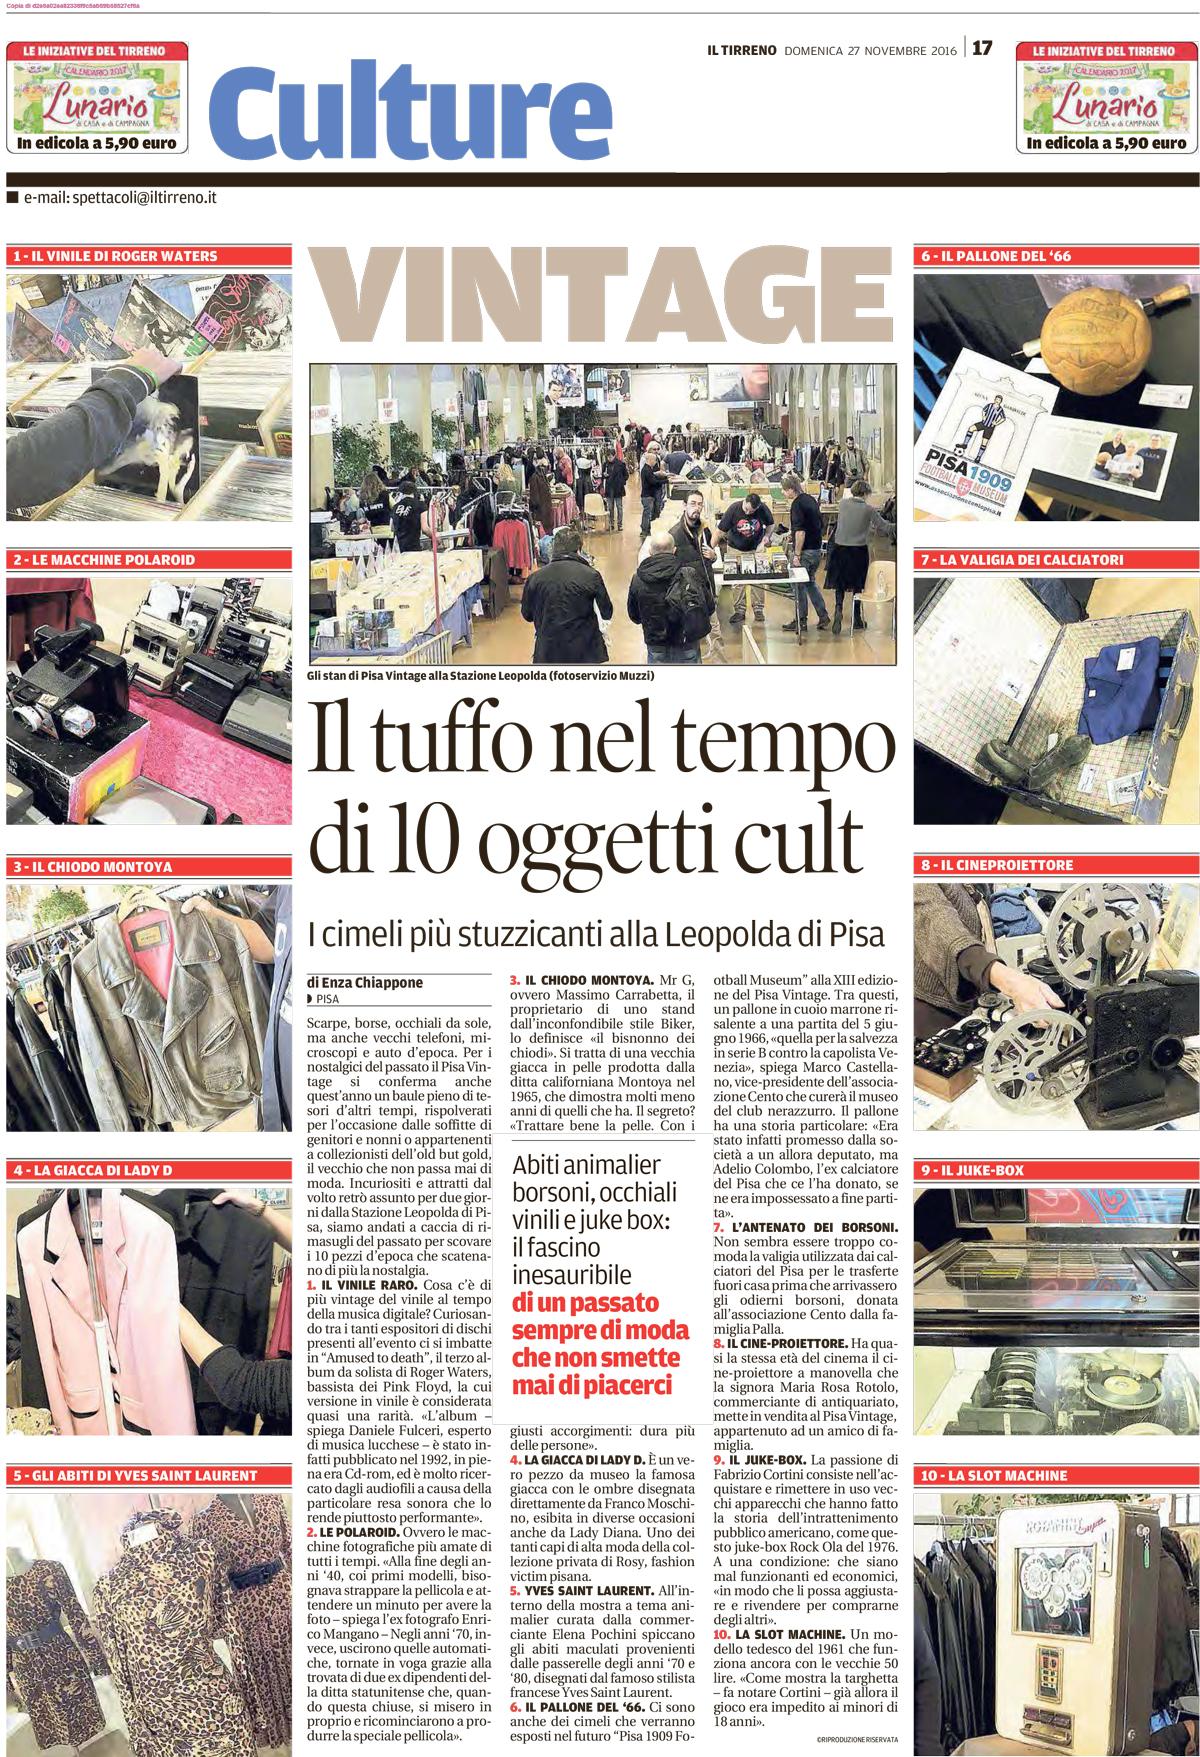 27-11-16_il-tirreno_pi-5